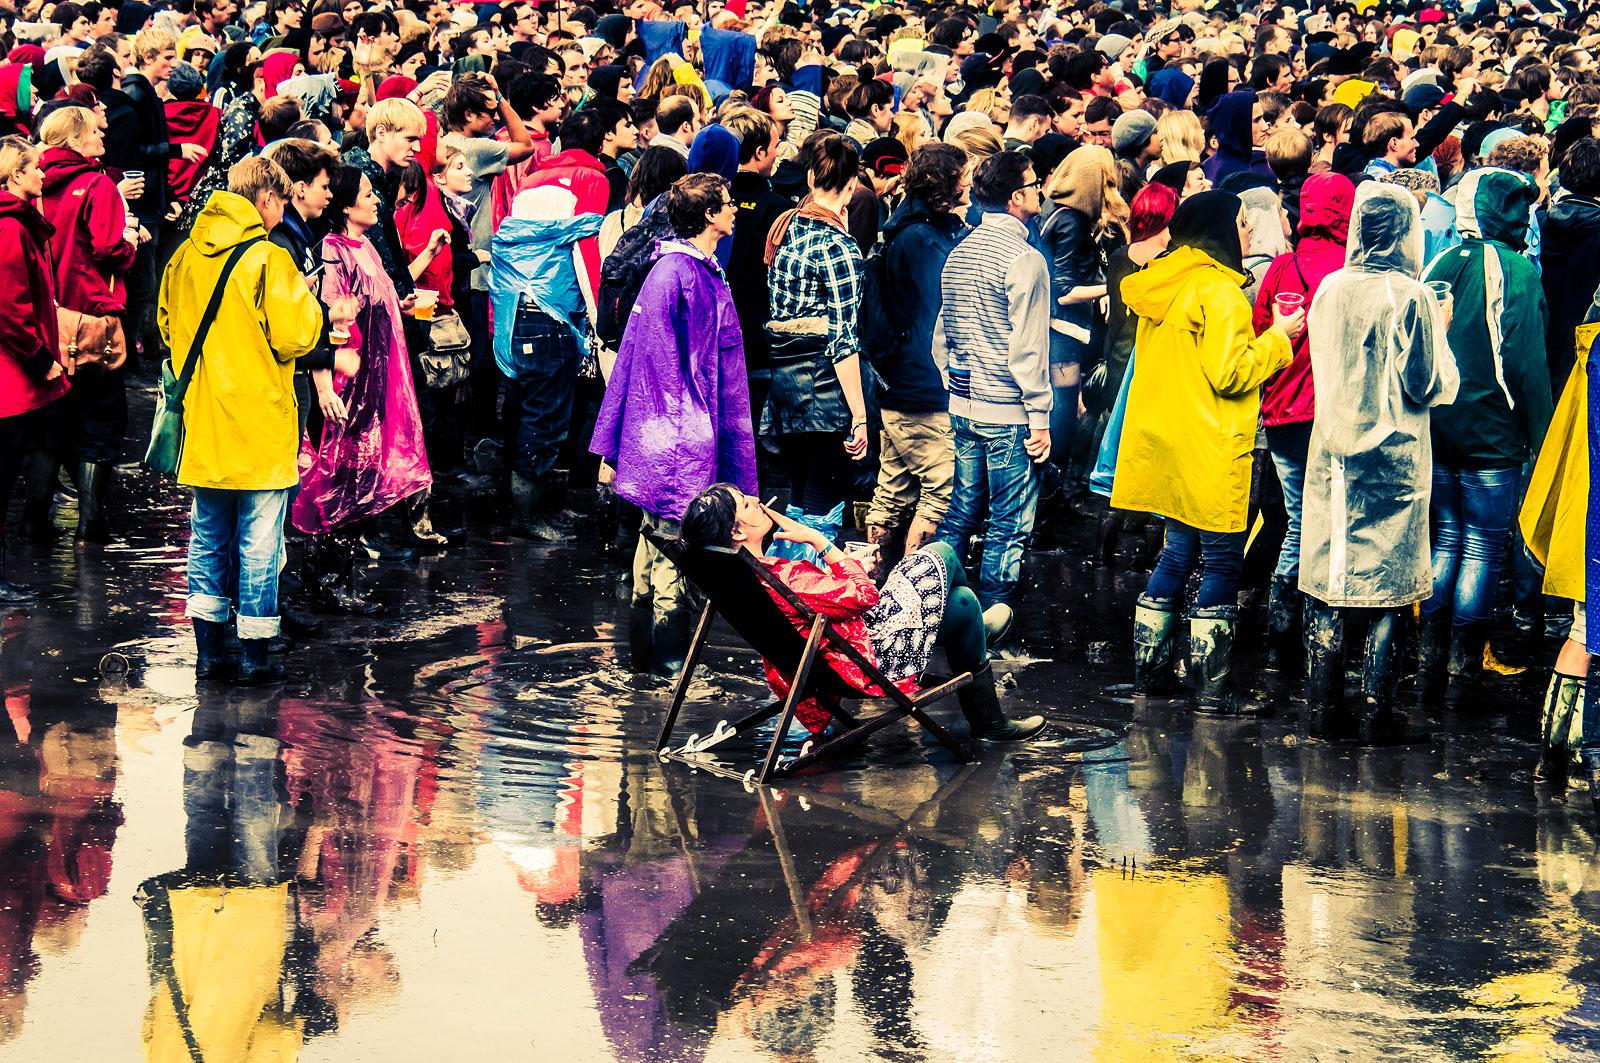 foto van mensen op festival in regen